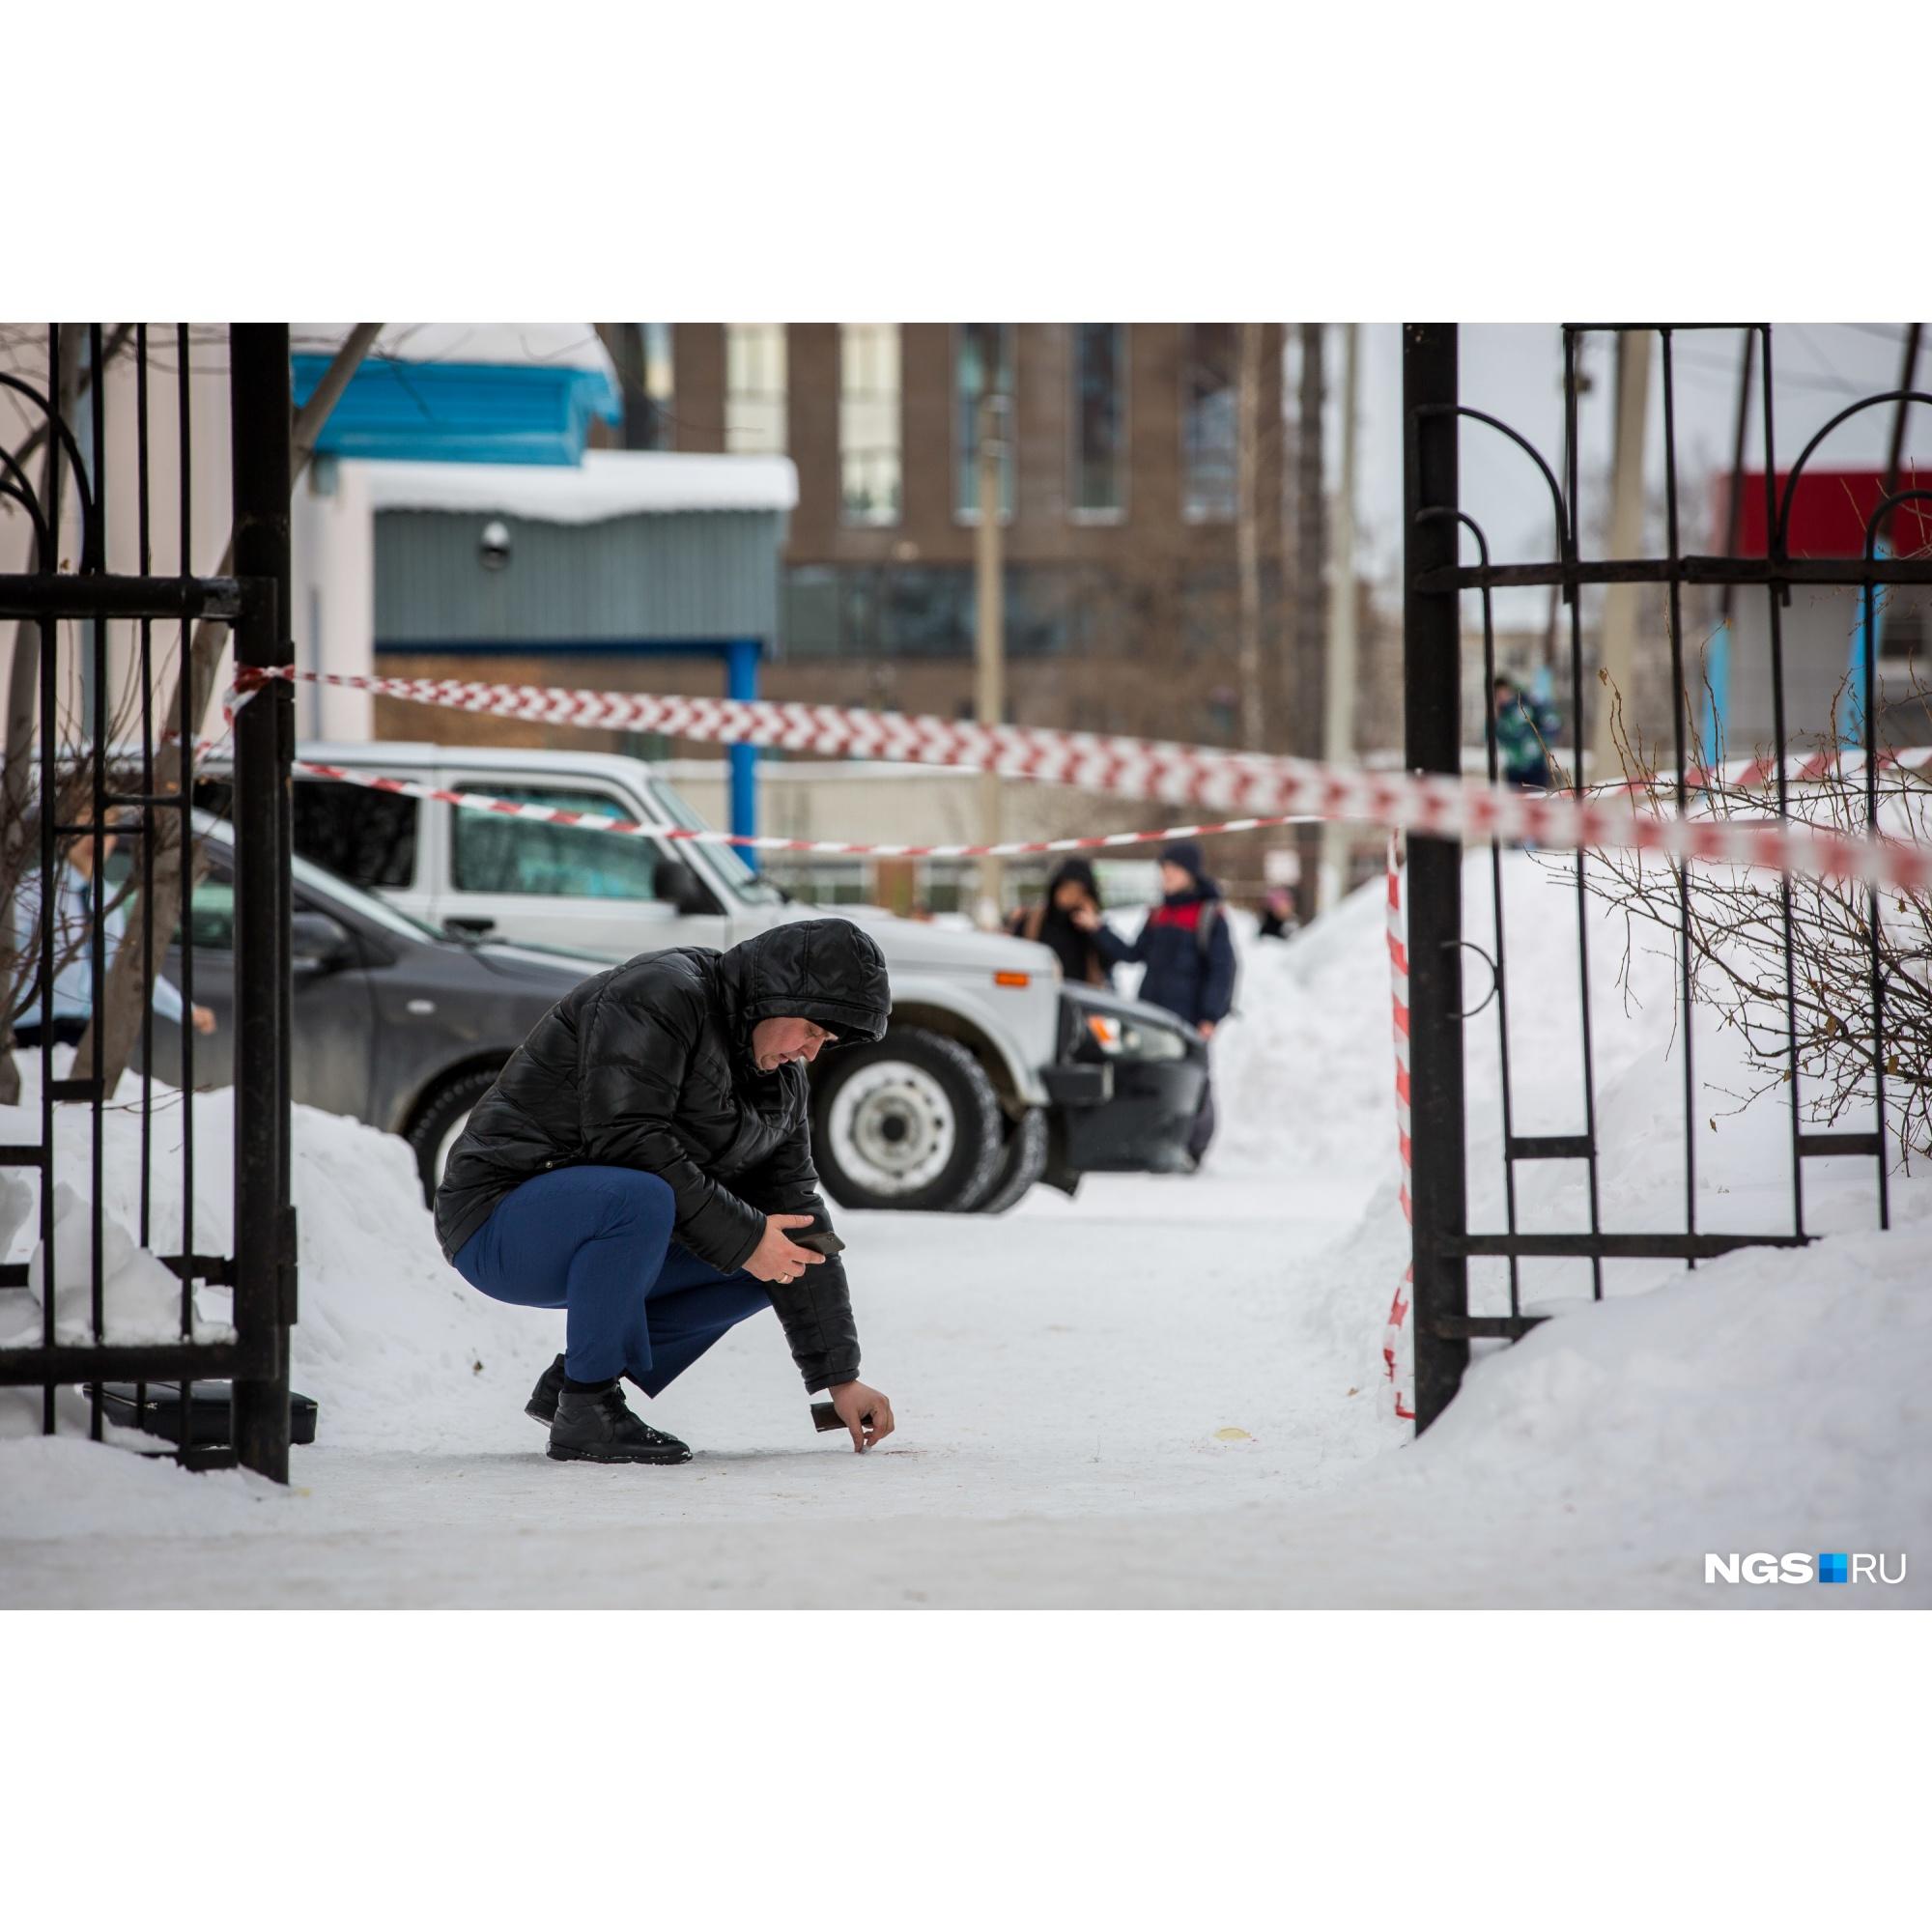 Оперативники оцепили территорию у входа в школу